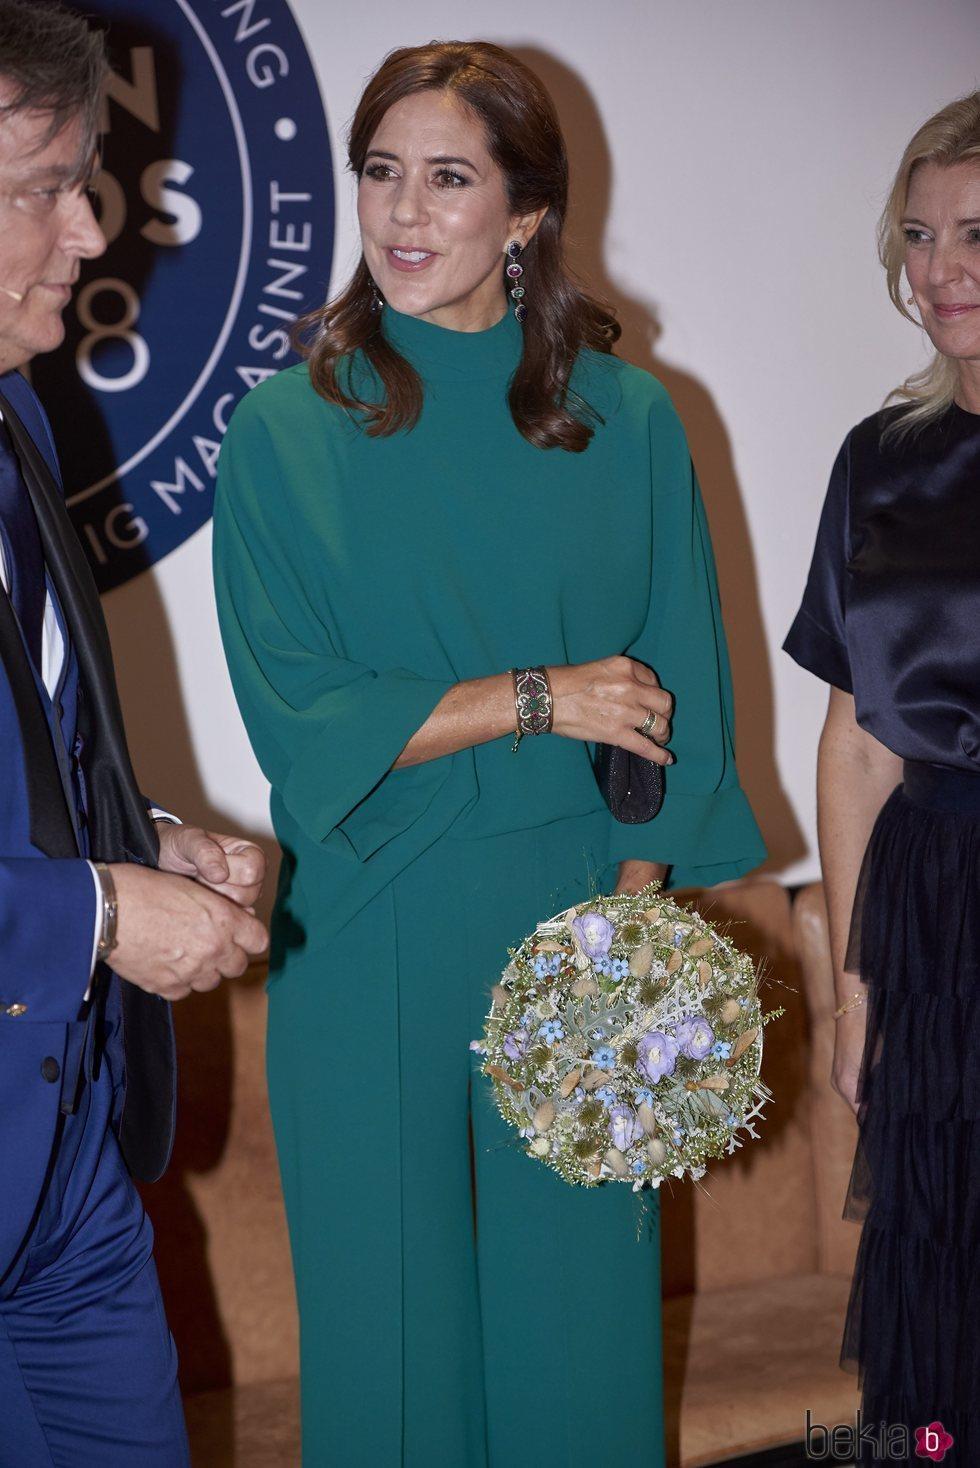 La Princesa Mary de Dinamarca presidiendo un evento de moda en Copenhage